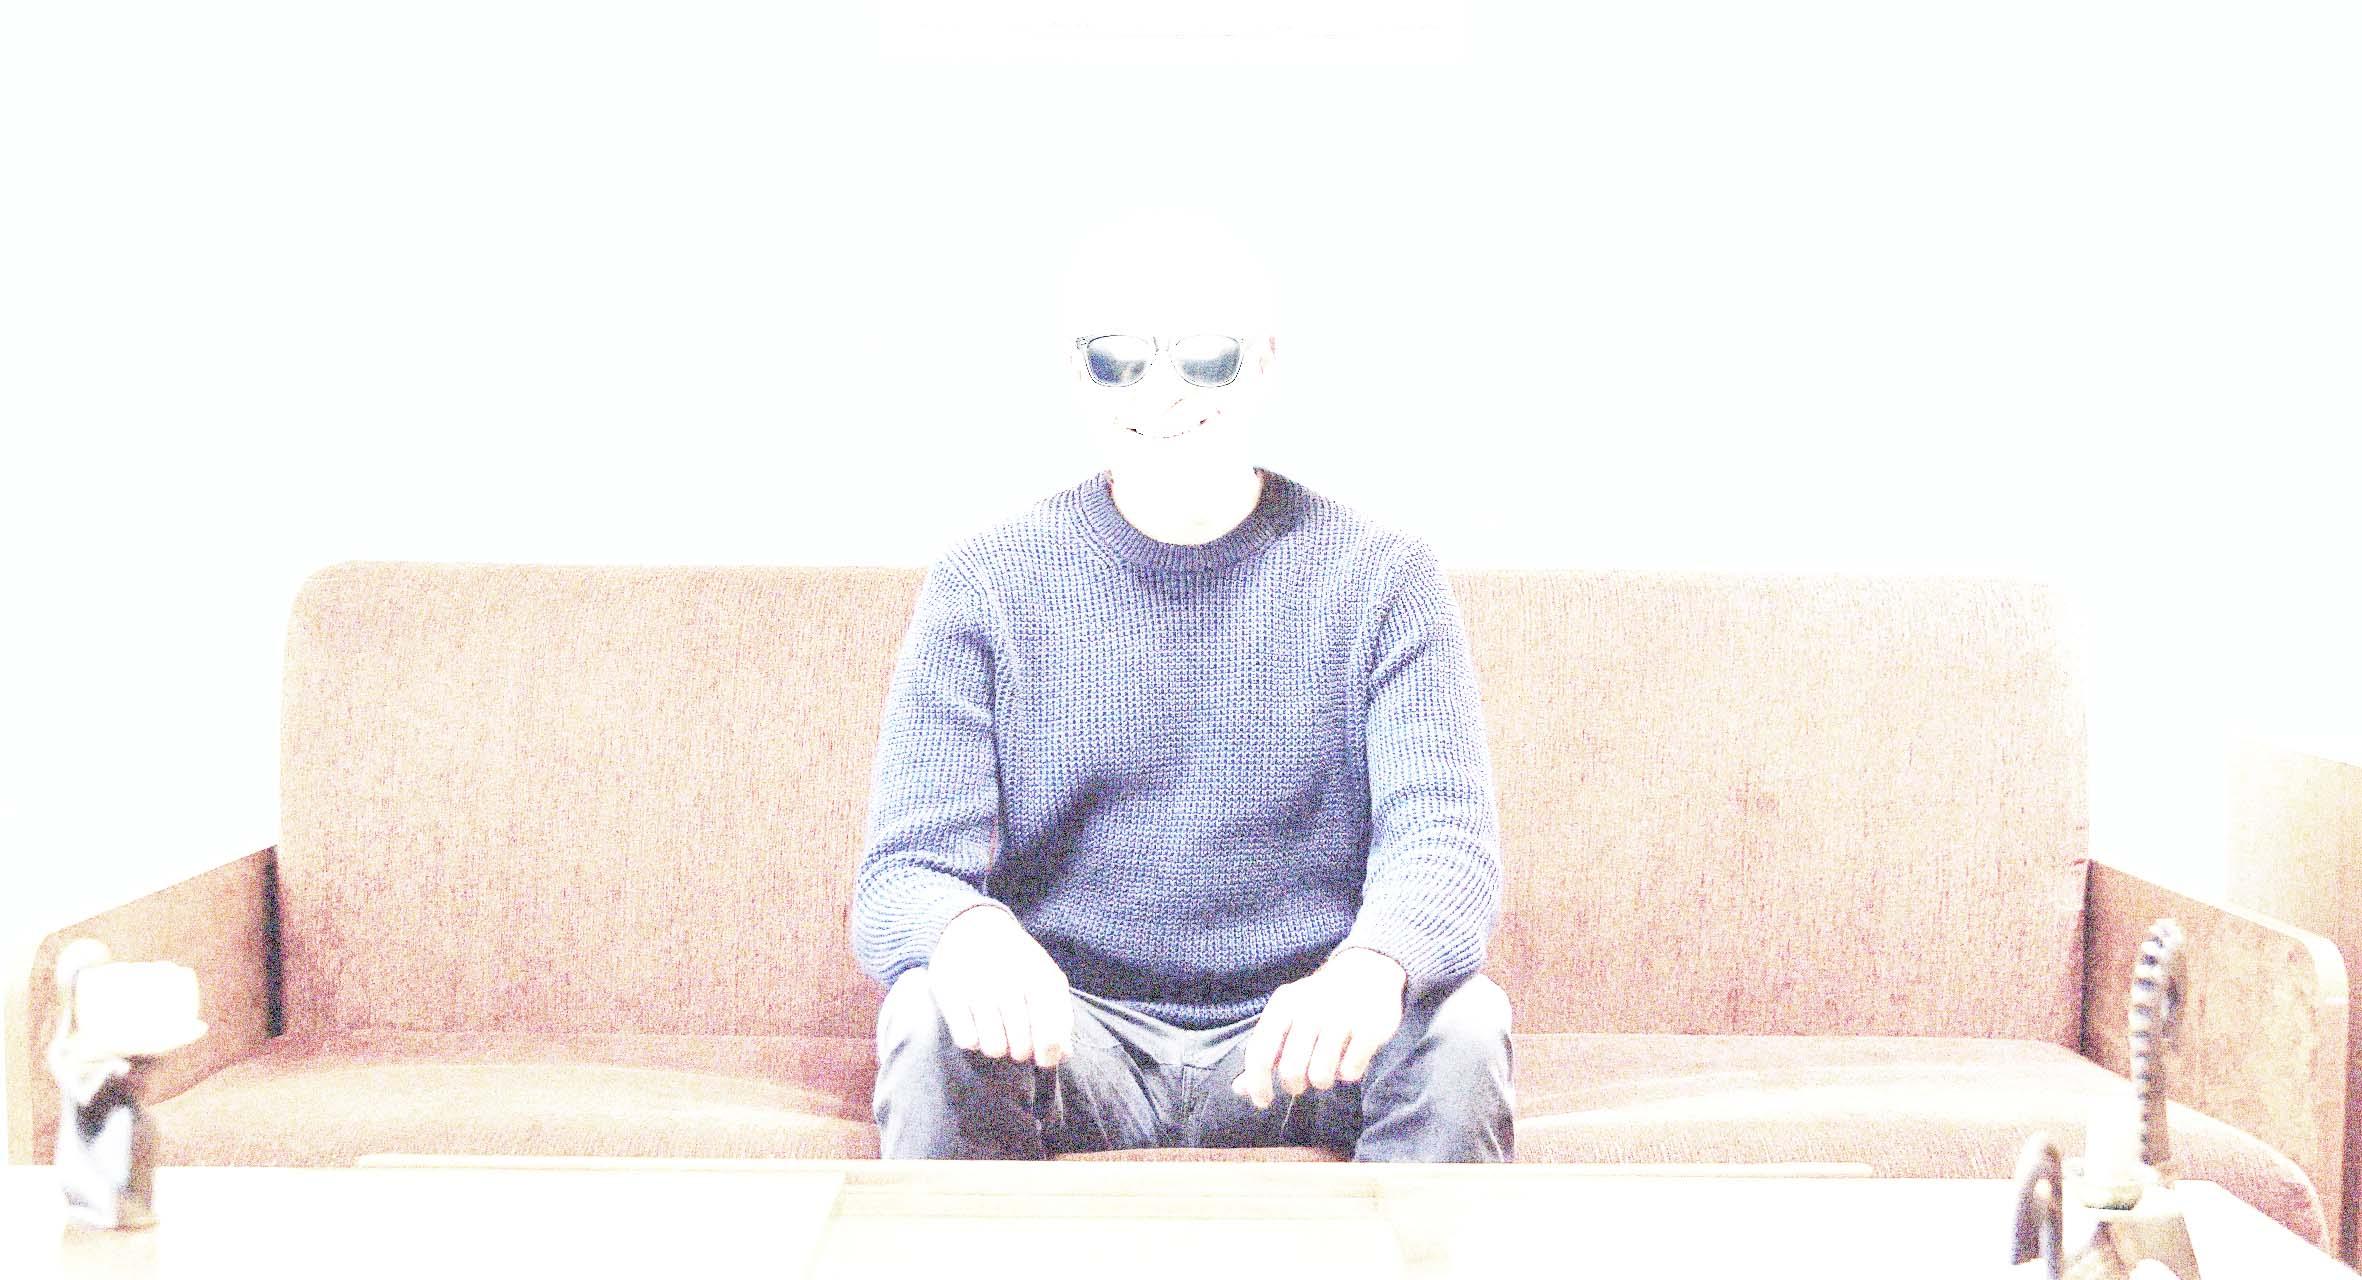 صورة أب يعالج ضعف الإضاءة في غرفة الجلوس بتركيب كشافات